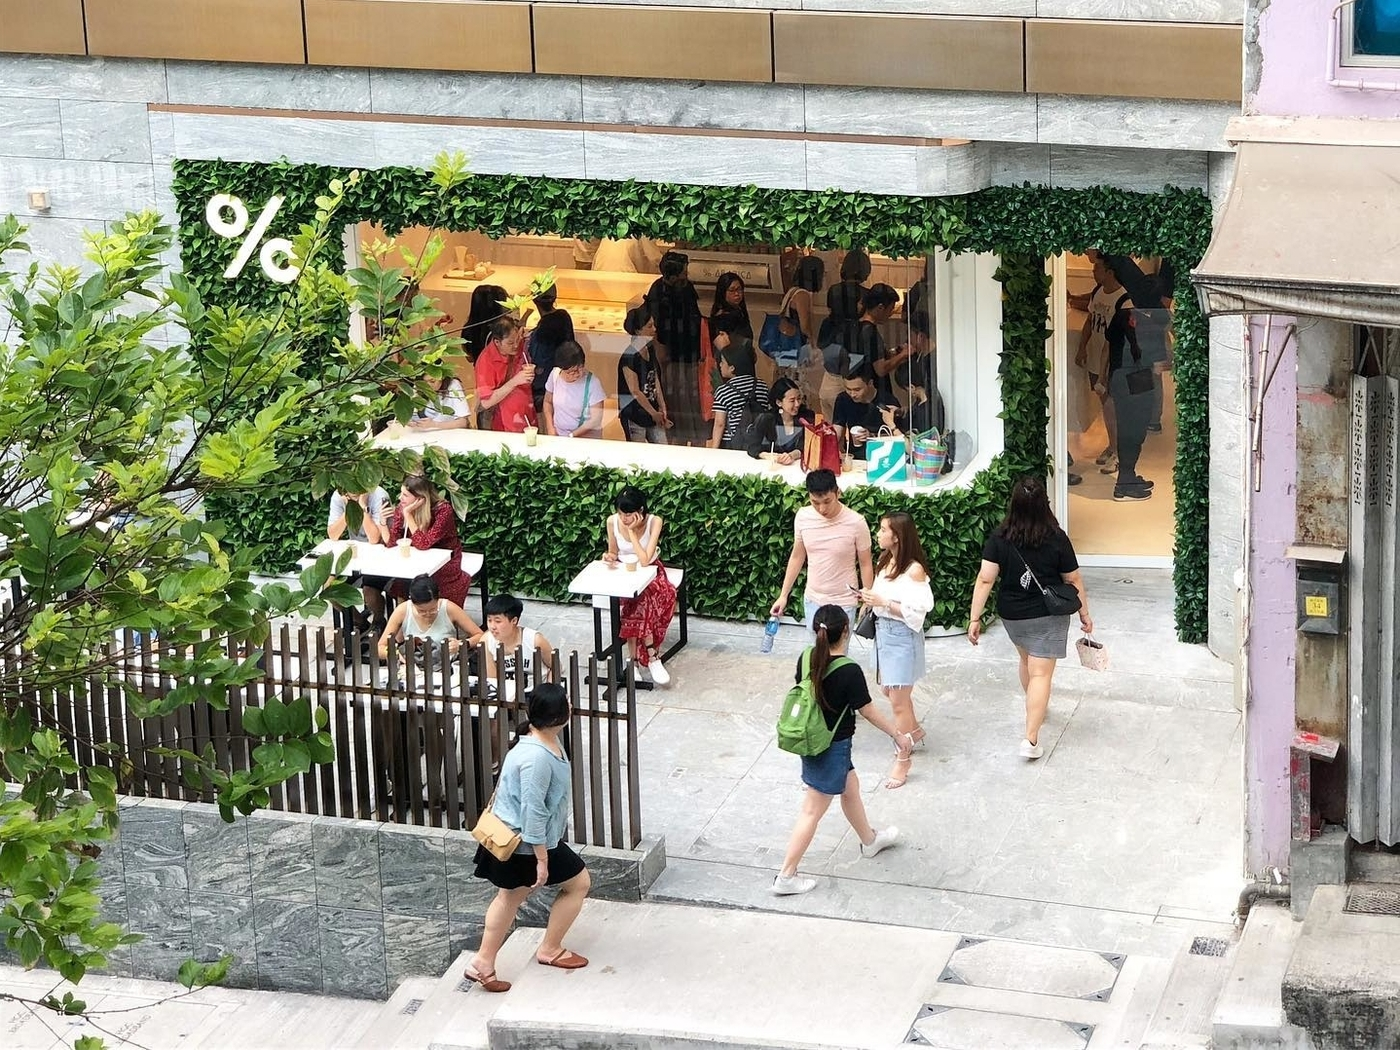 outside of % Arabica Hong Kong coffee roastery